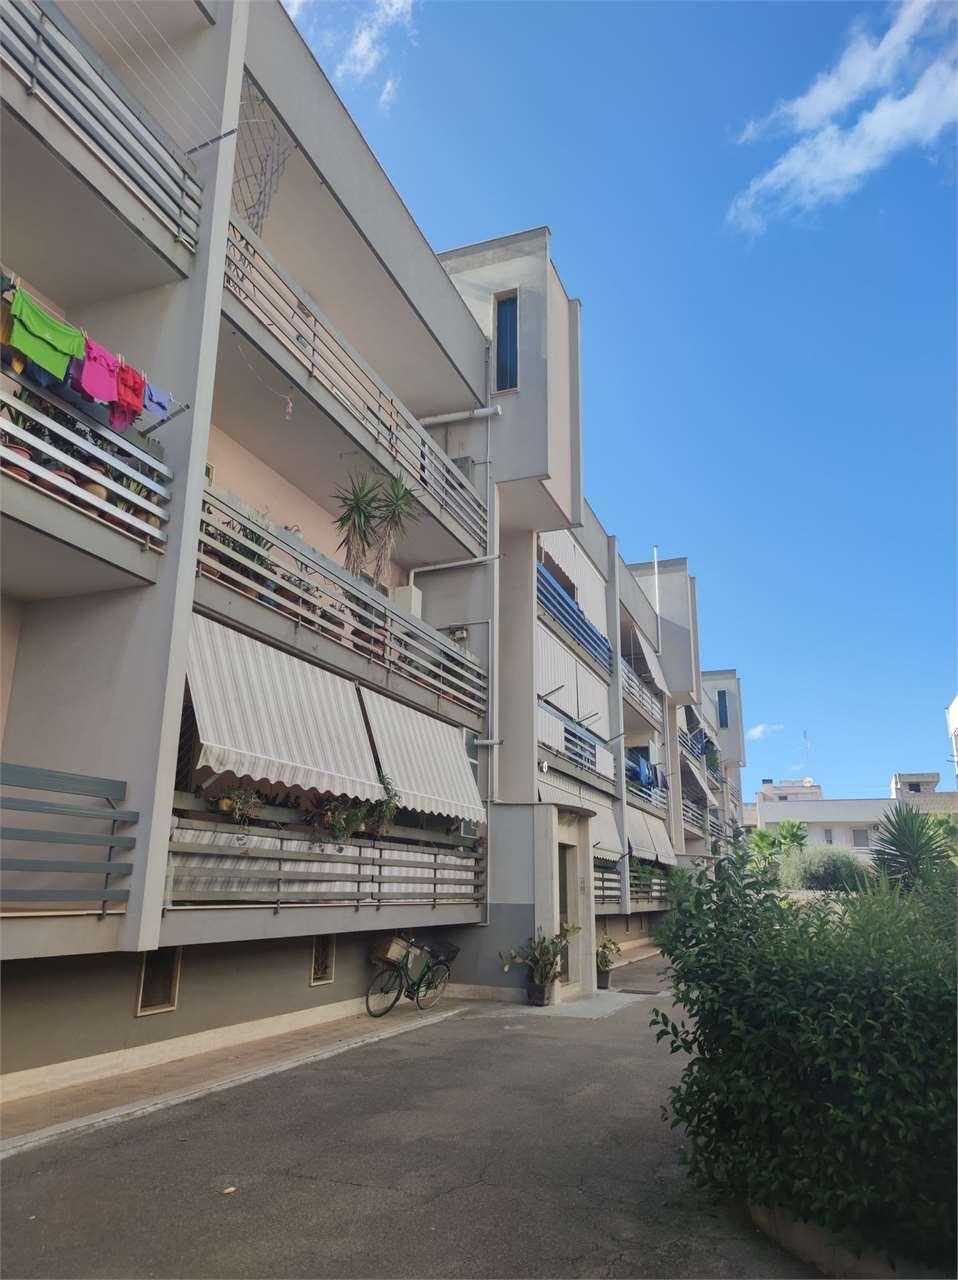 Appartamento in vendita a Conversano, 4 locali, prezzo € 105.000 | CambioCasa.it